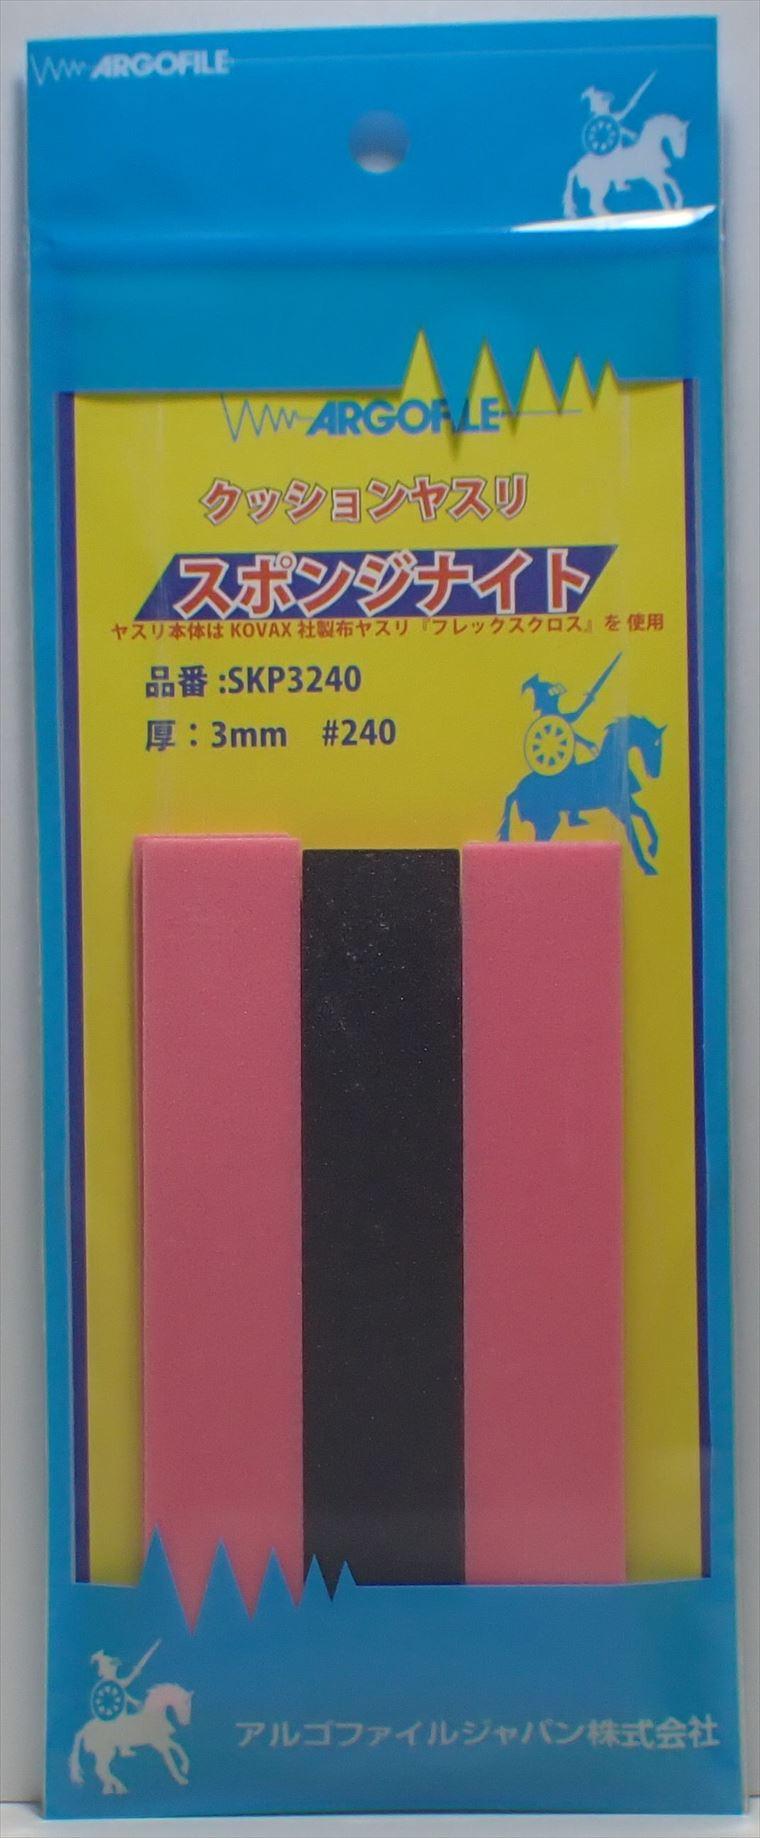 SKP3240 スポンジナイト 厚さ3mm #240   《ARGOFILE》